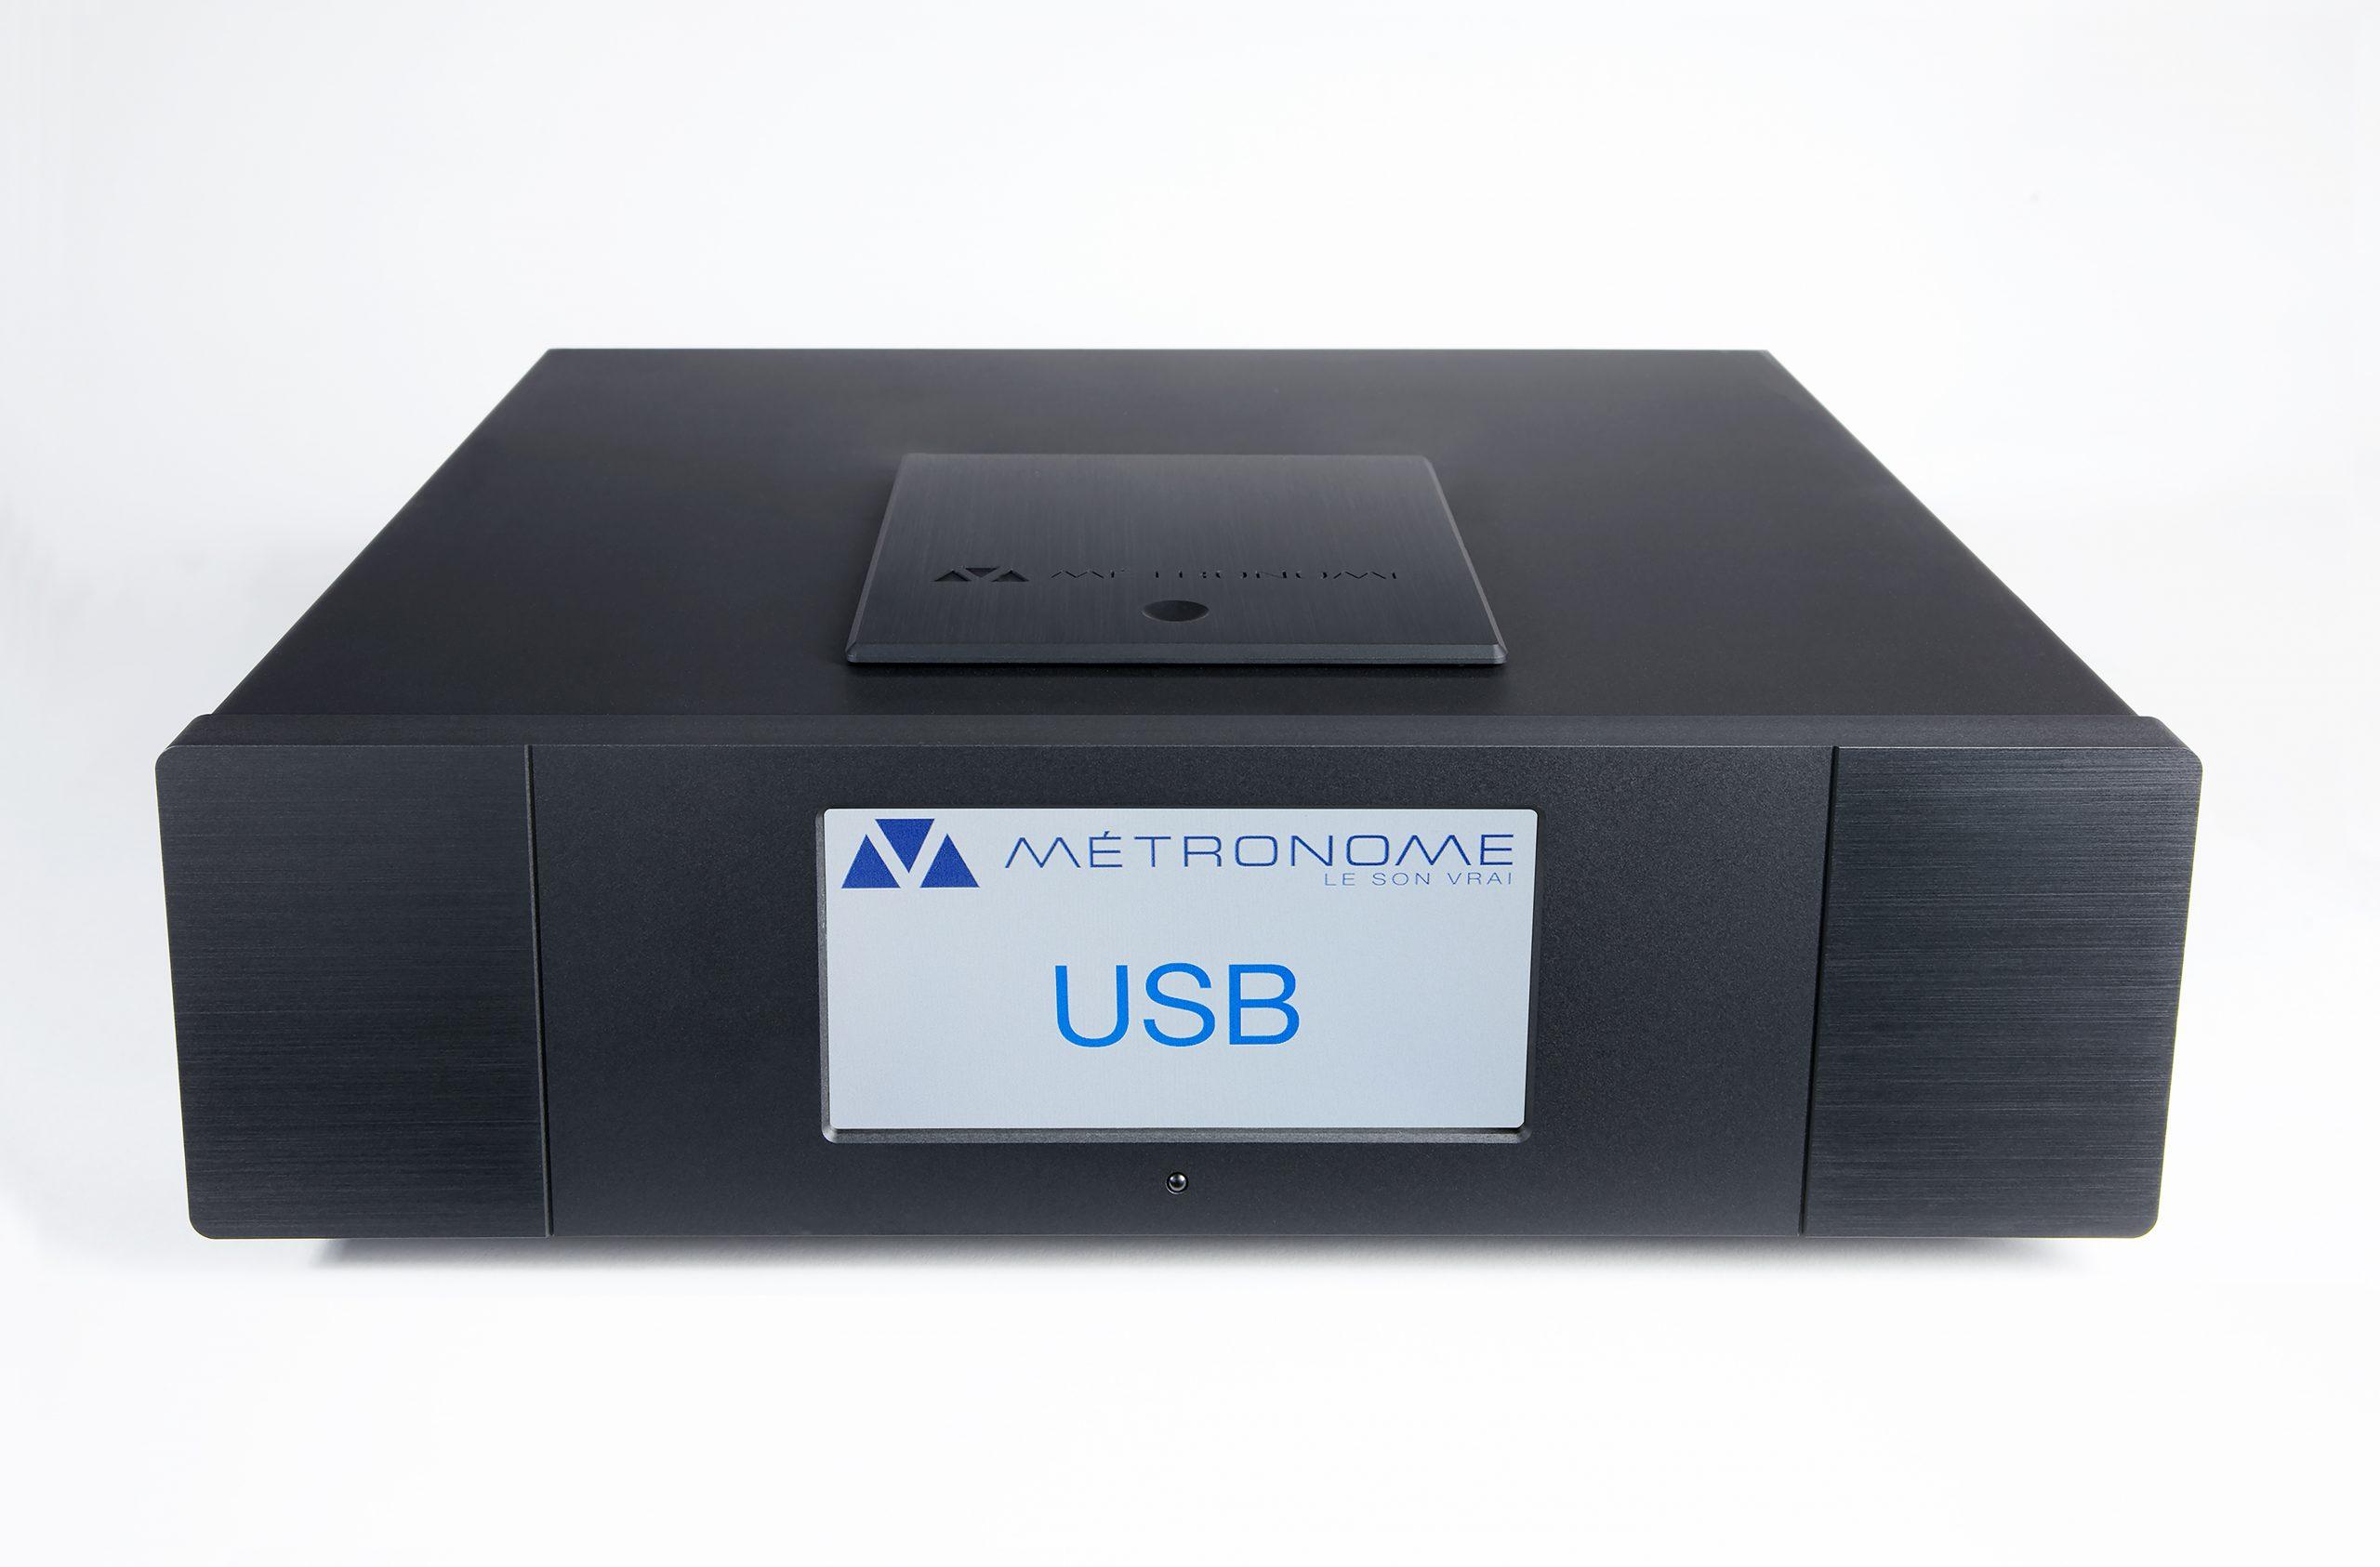 Metronome AQWO, wurde erstmals auf der Münchner HighEnd Show, im Mai 2018 vorgestellt. Es ist der erste, von Métronome entwickelte SACD-Player. Wie alle, von Métronome entworfenen Geräte, behält AQWO die analoge Klangqualität, sowohl bei der Wiedergabe von Discs als auch bei der Umwandlung, von Digital in Analog bei. Das Gerät, verfügt über eine Reihe digitaler Ein- und Ausgänge, die die Verwendung, mit verschiedenen Quellen ermöglichen. De